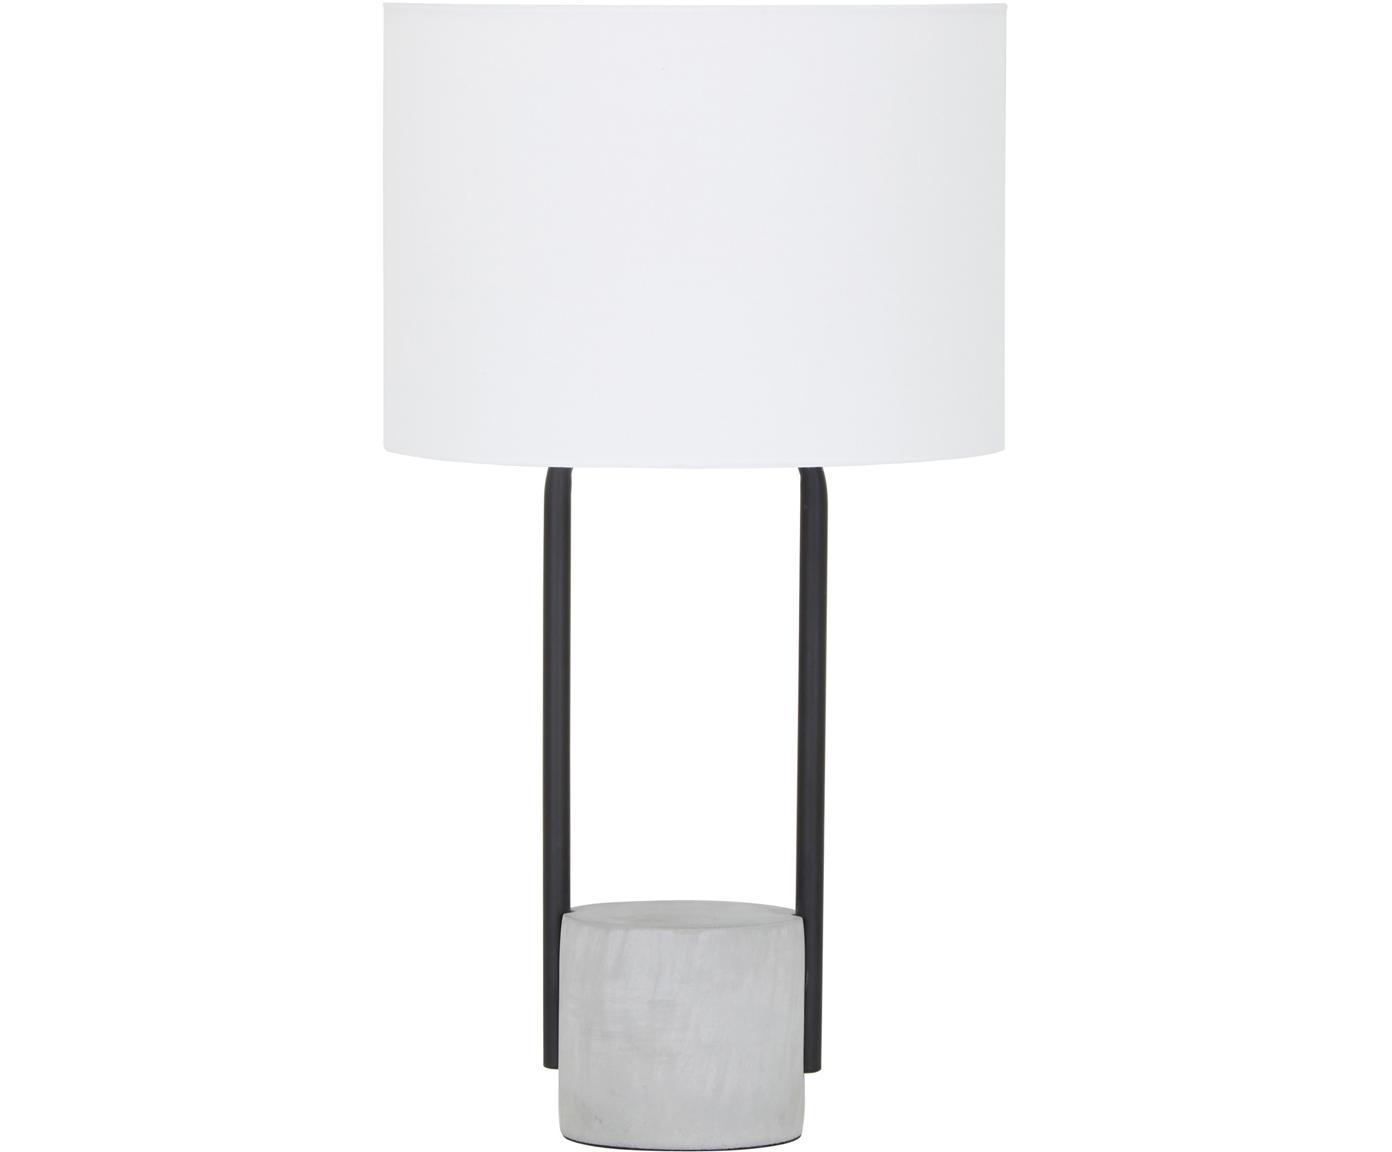 Lámpara de mesa Pipero, Pantalla: tela, Cable: cubierto en tela, Blanco, negro, gris, Ø 28 x Al 51 cm